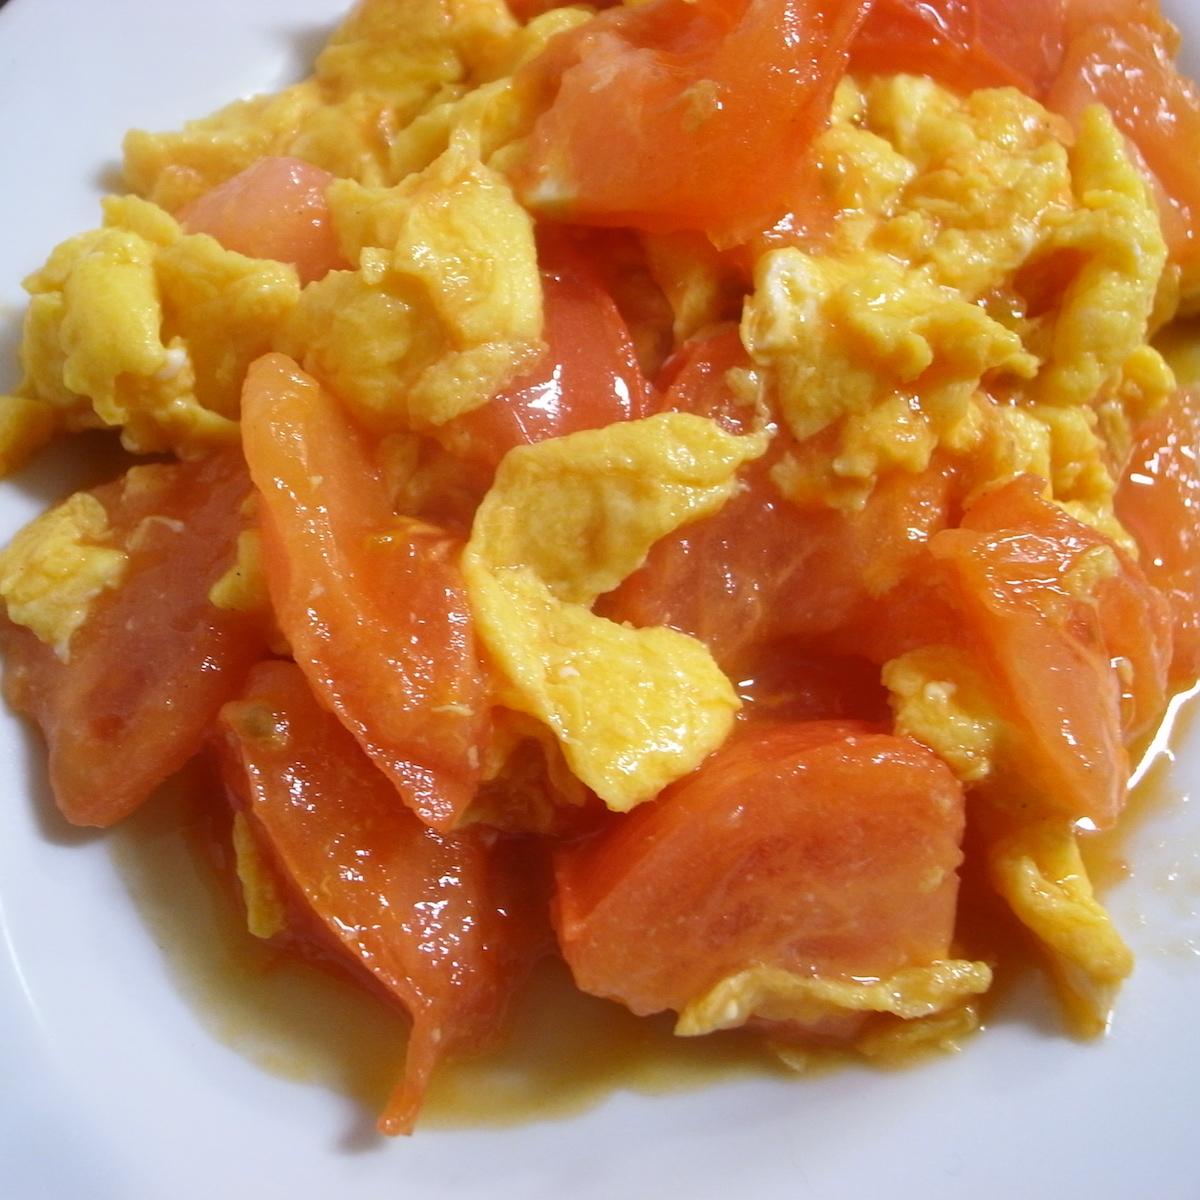 モテる男の自炊テクーートマトと卵の中華炒めーー